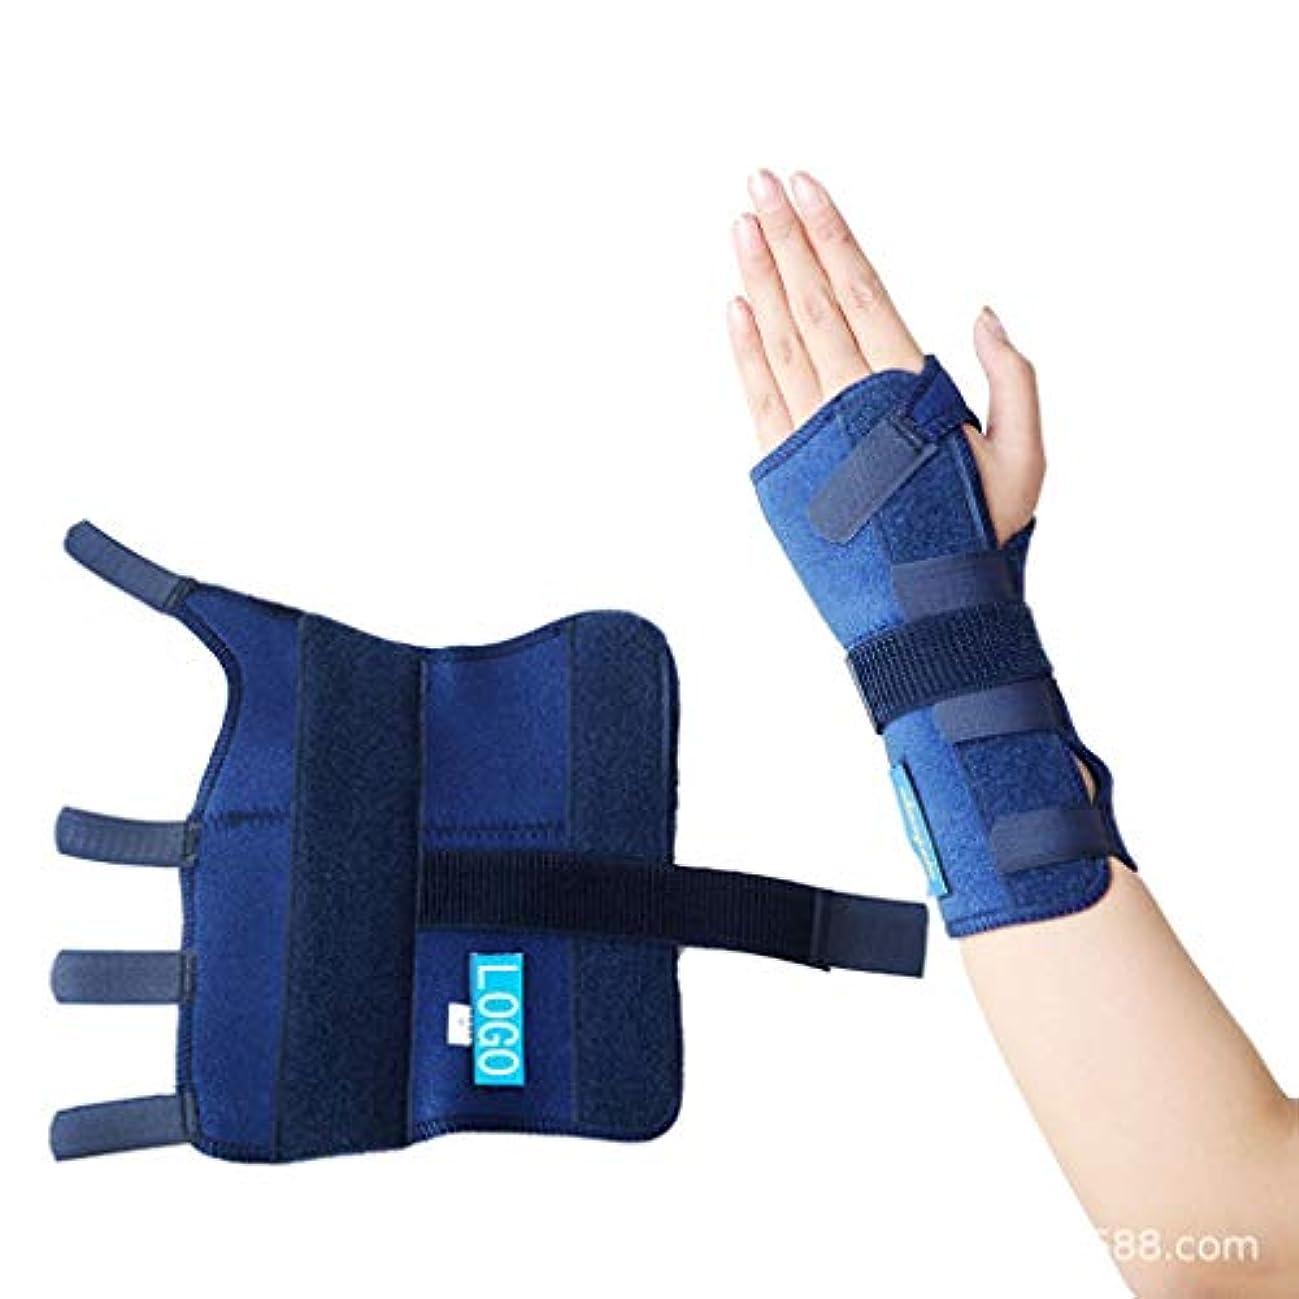 自治的現実的消化器レリーフブレースコレクター親指手首傷害回復スプリント指セパレーター手矯正手根管関節痛リリーフコレクター指スプリント,Bluerighthand,XL